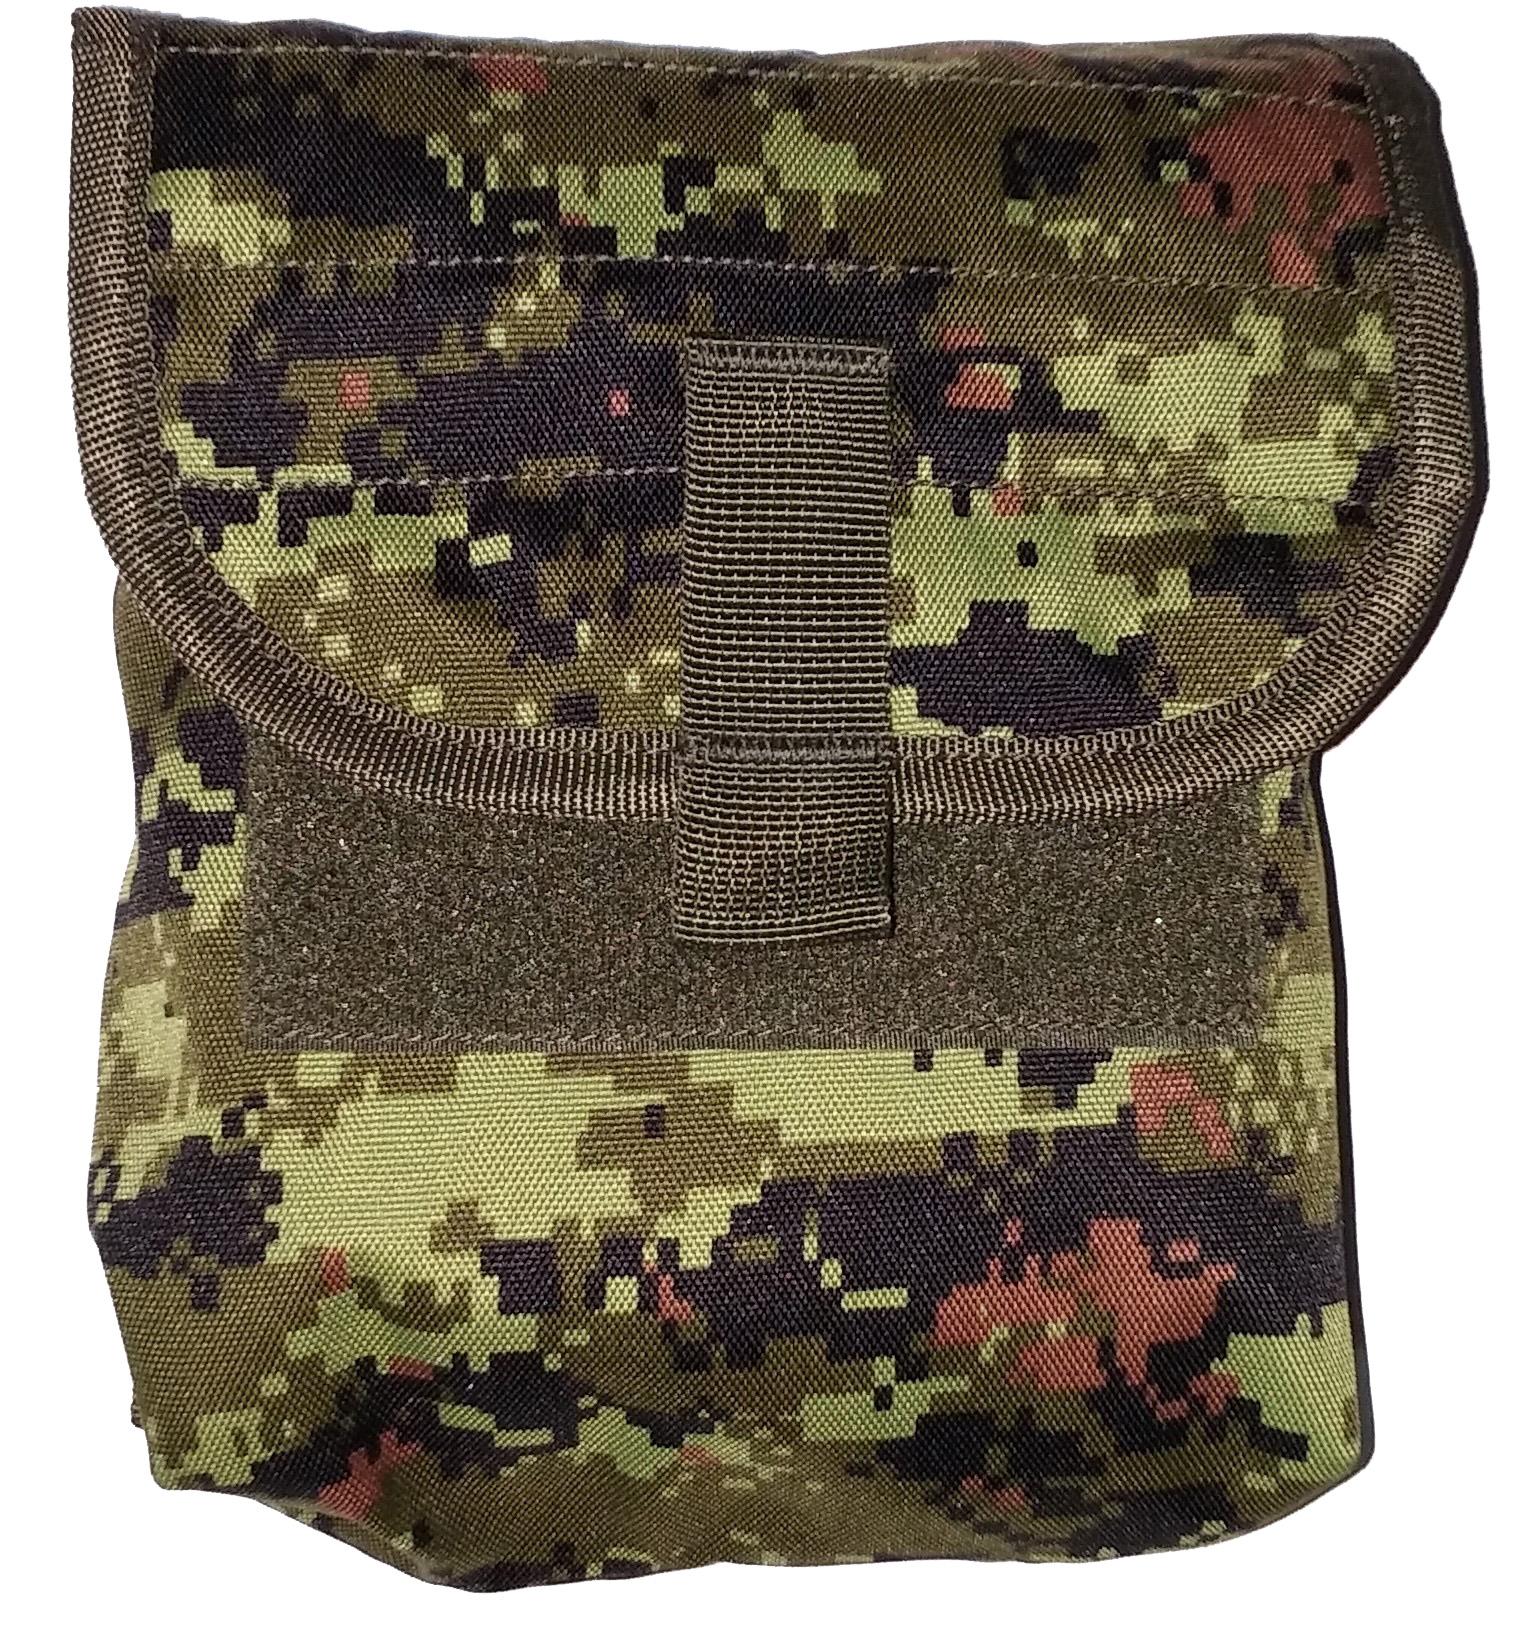 Canadian digital AMMO bag